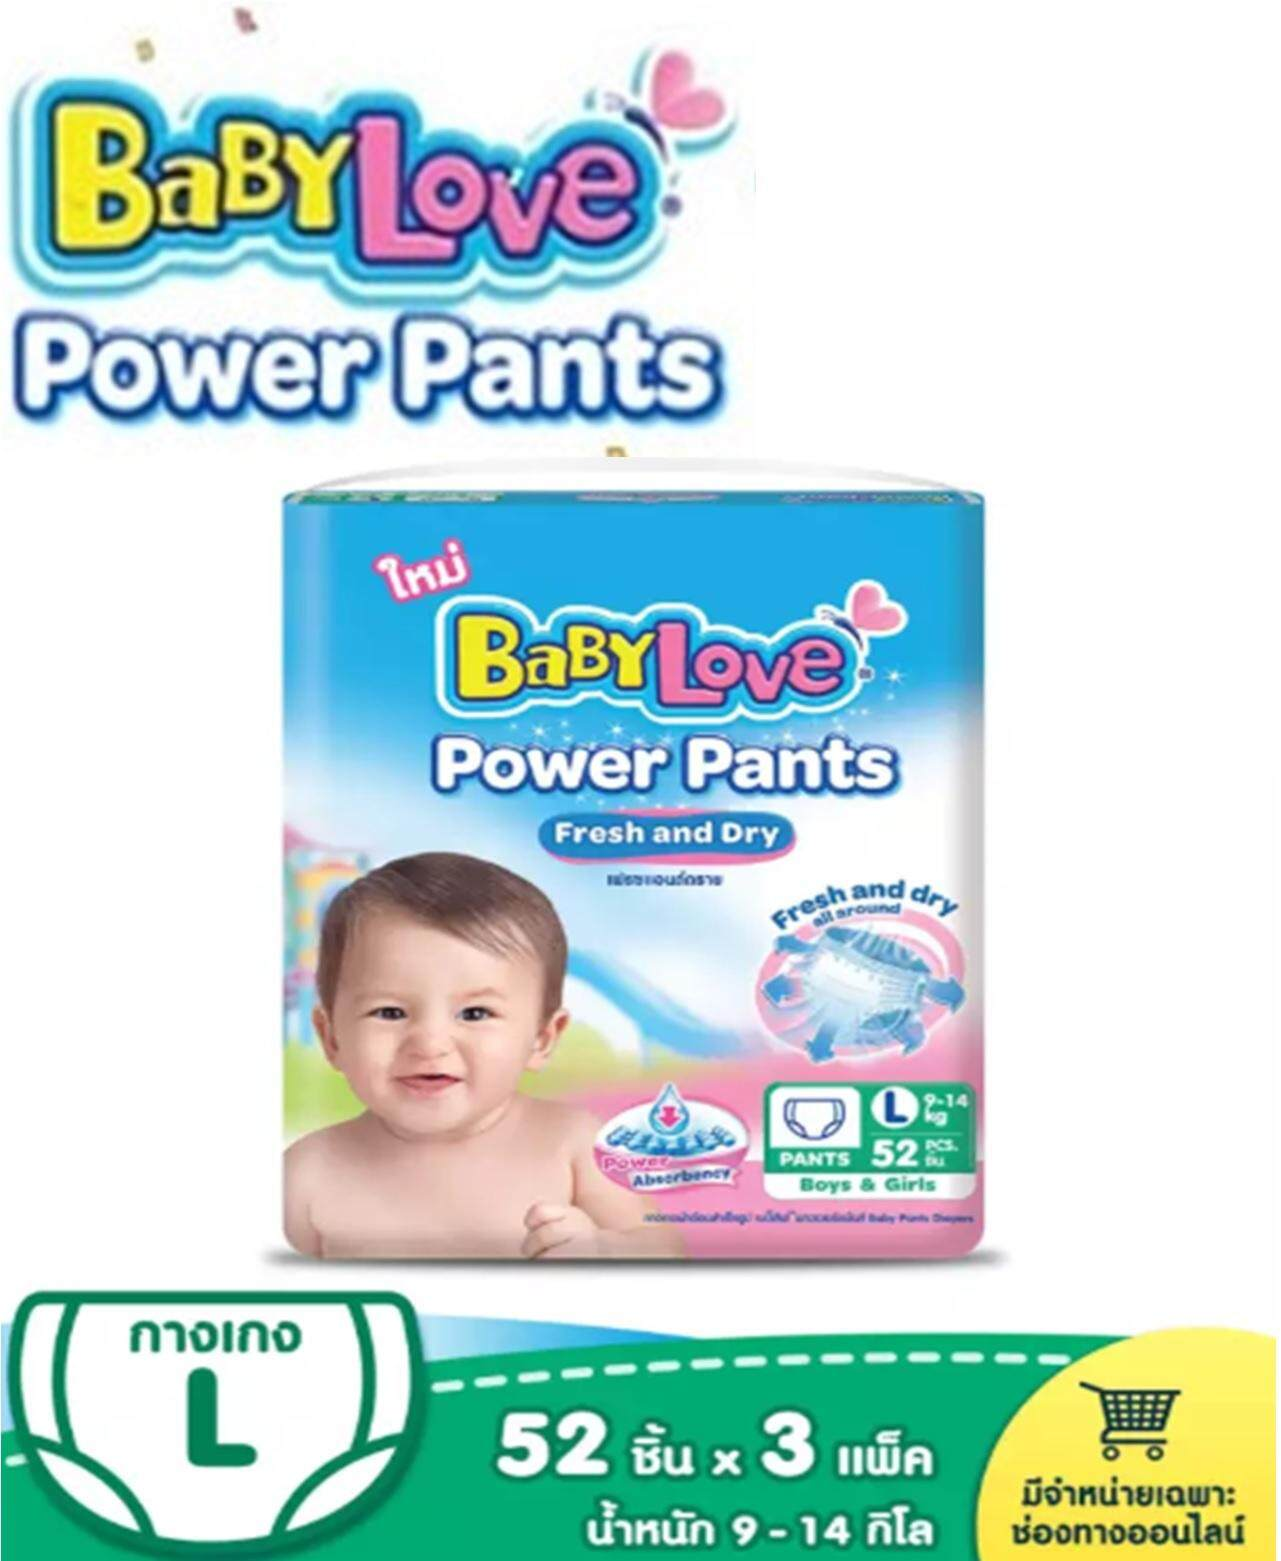 ราคา ยกลัง! BabyLove Power Pants เบบี้เลิฟ แพมเพิส ผ้าอ้อมเด็ก ถูกกว่า ไซส์ L 52 ชิ้น (3แพ็ค รวม 156 ชิ้น )